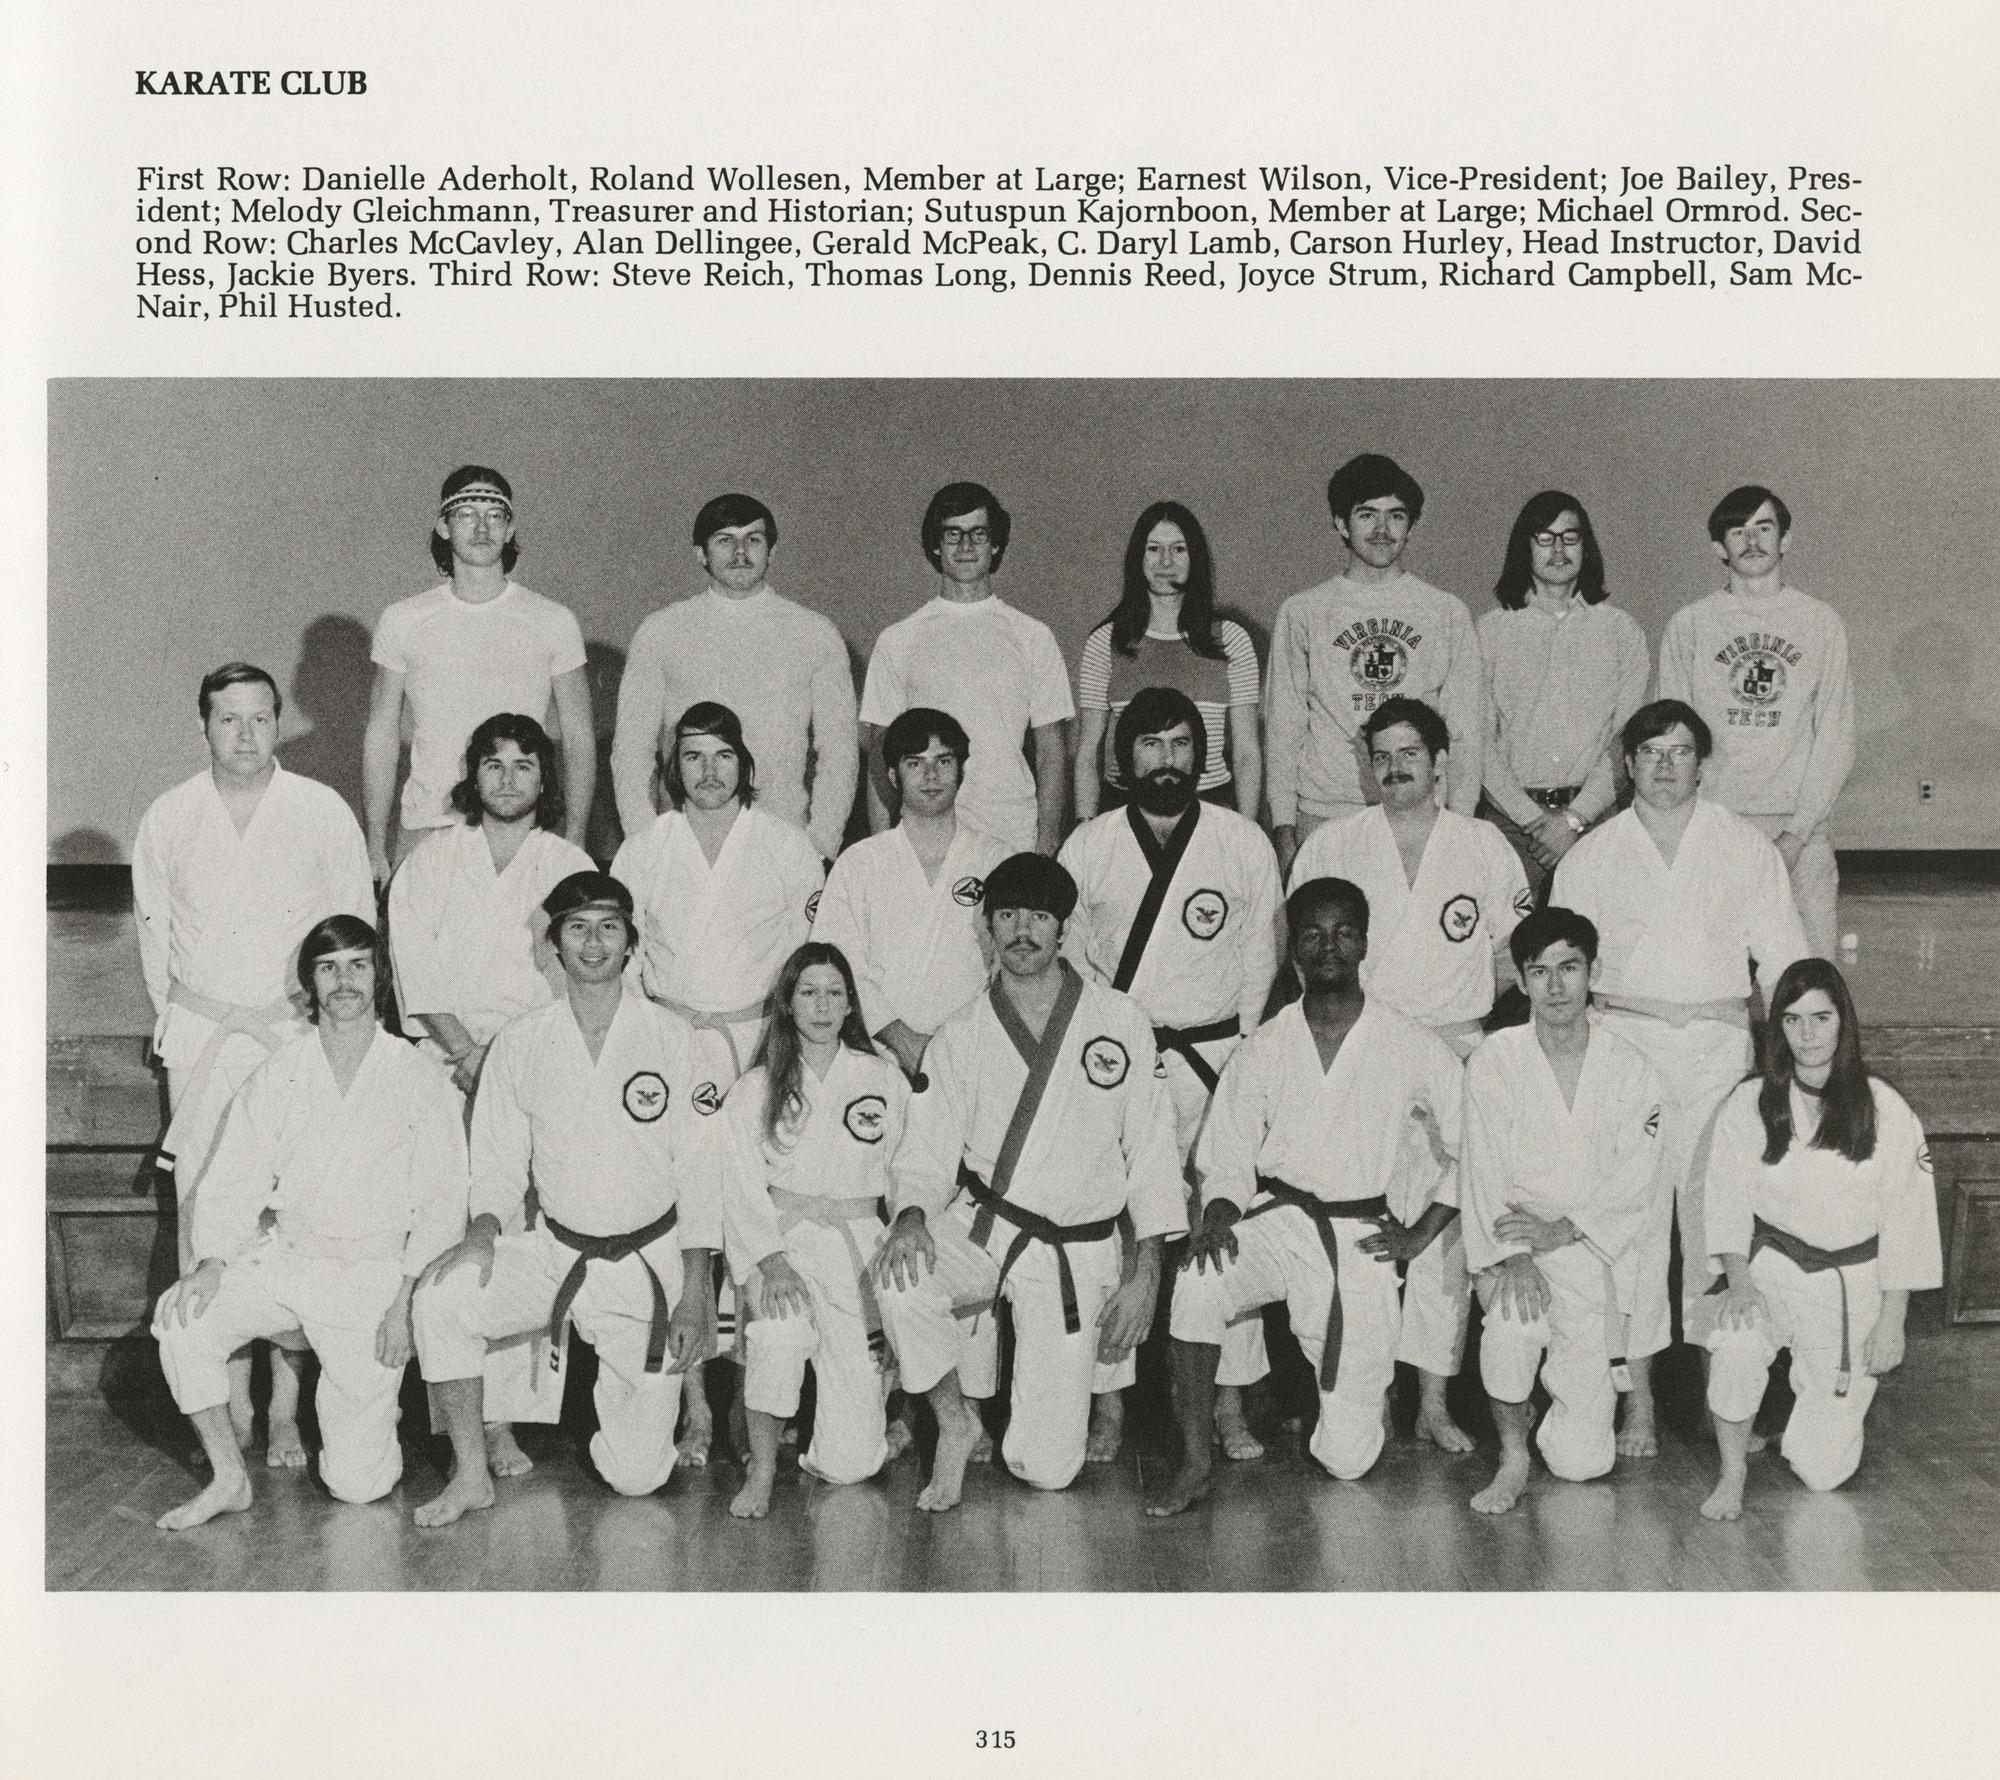 http://spec.lib.vt.edu/pickup/Omeka_upload/Bugle1973_pg315_KarateClub.jpg